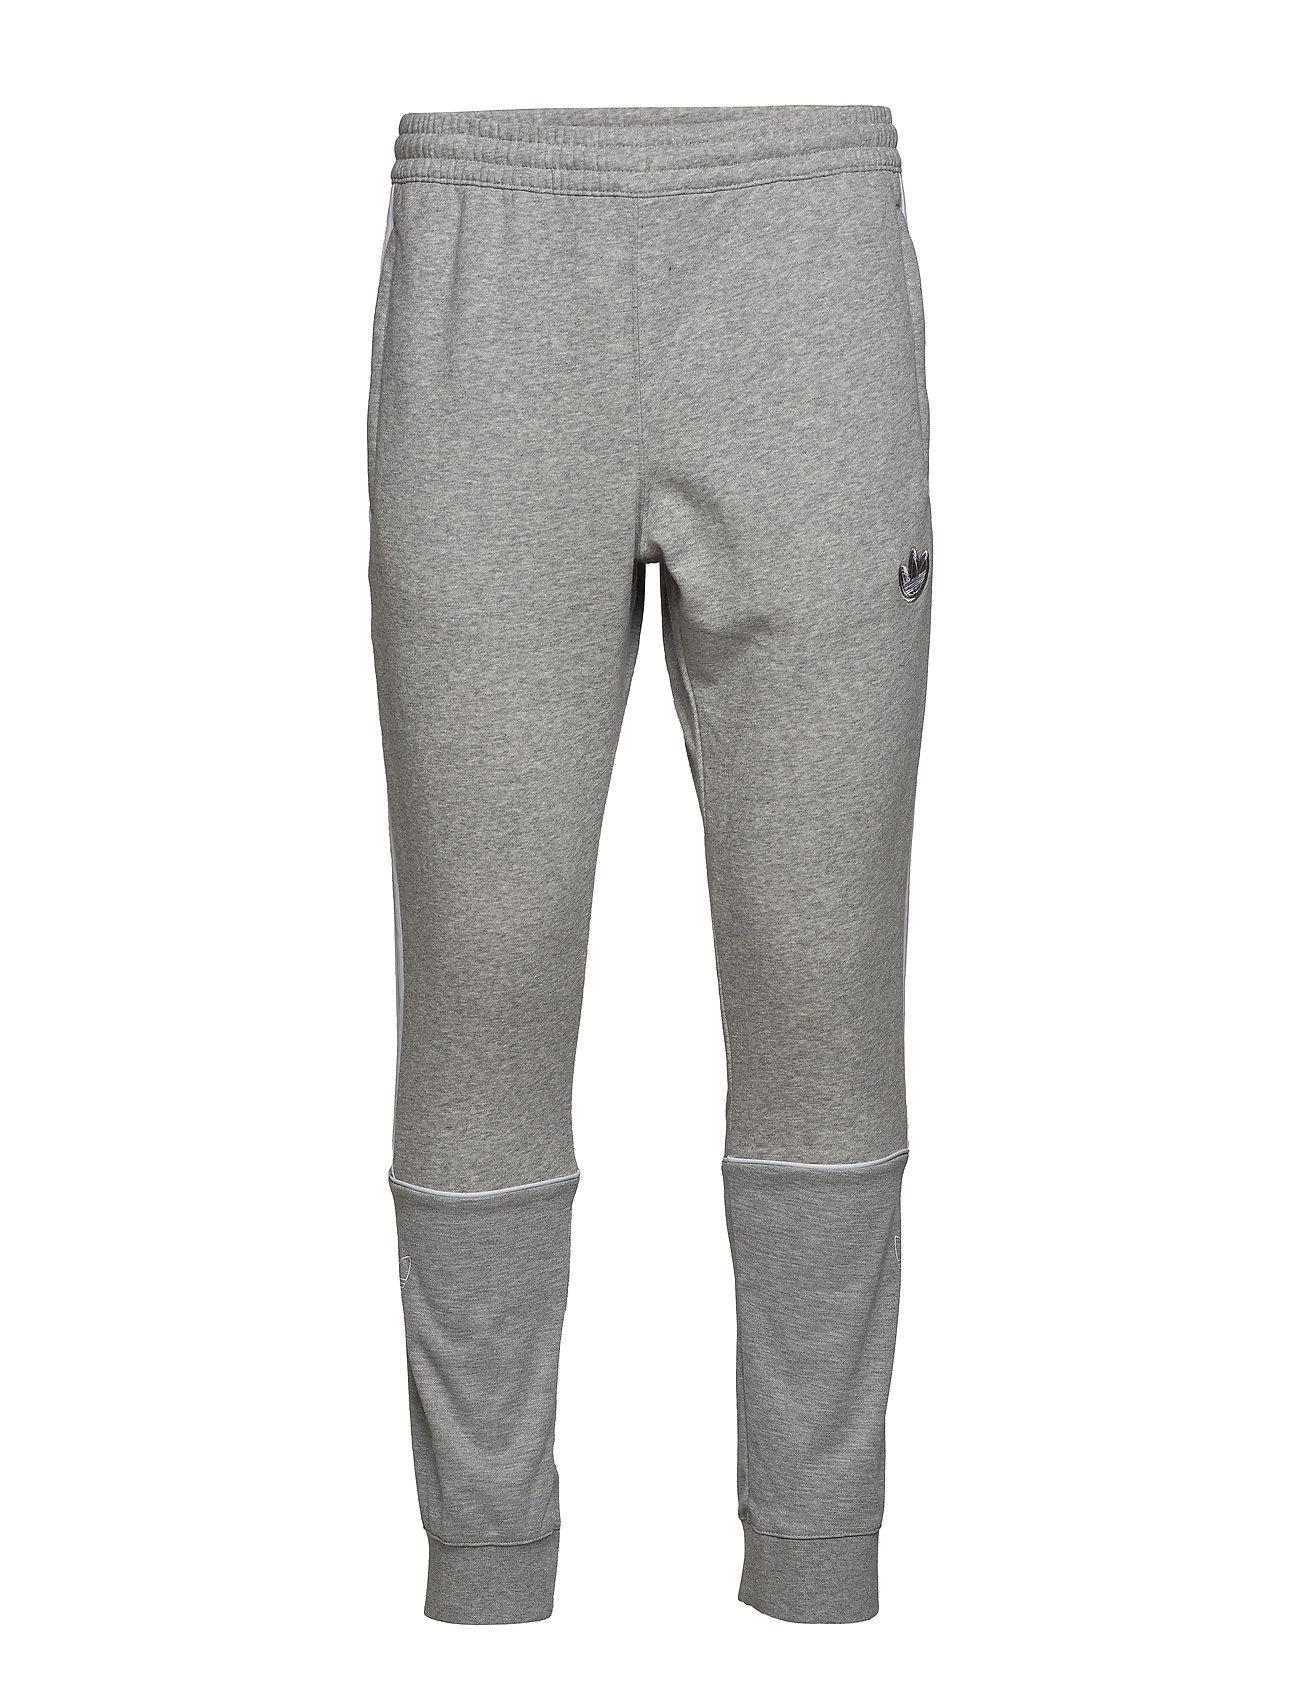 adidas Originals OUTLINE SP FLC - MGREYH